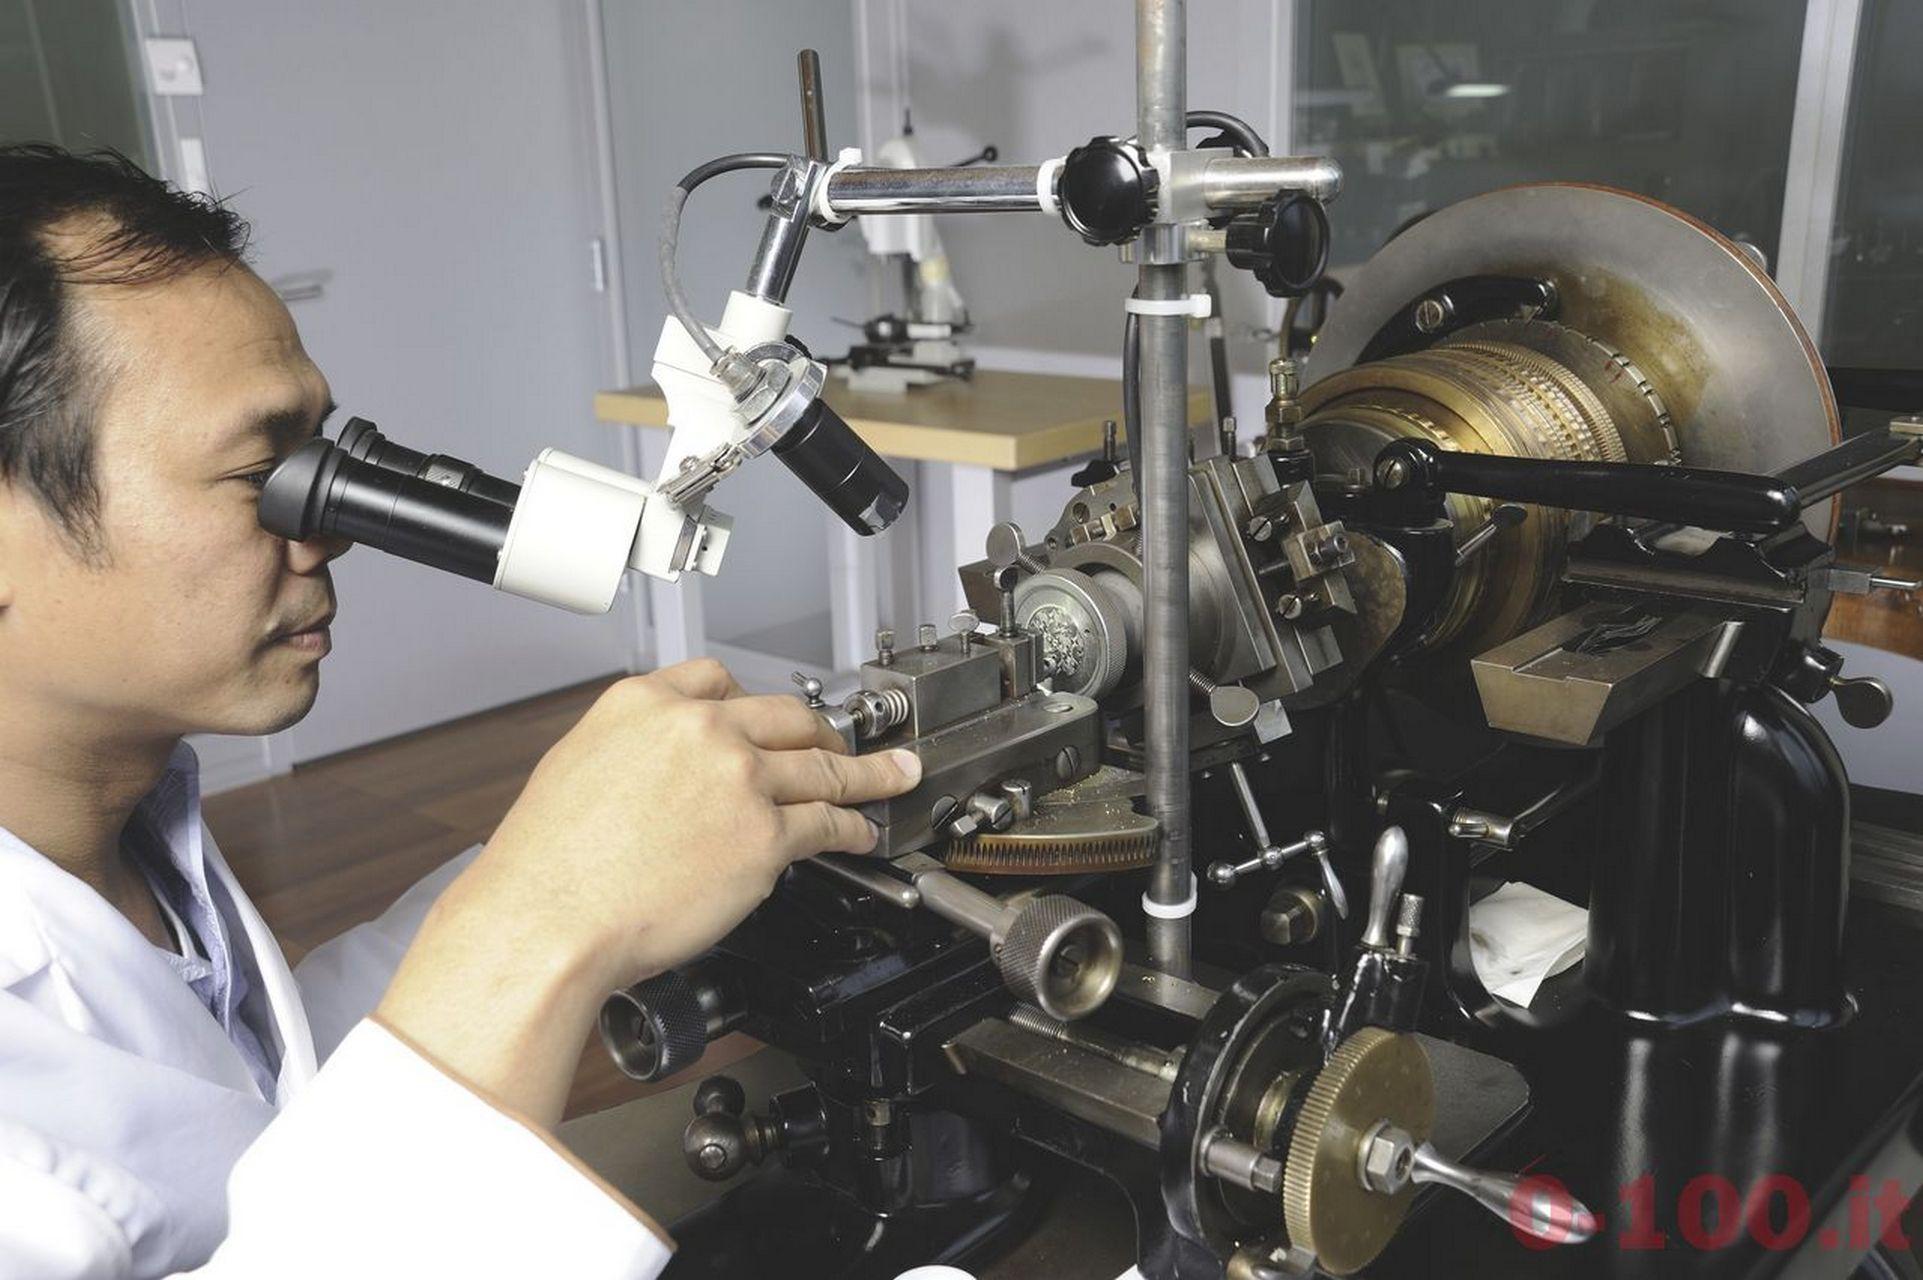 vacheron-constantin-metiers-dart-mecaniques-ajourees_0-1003